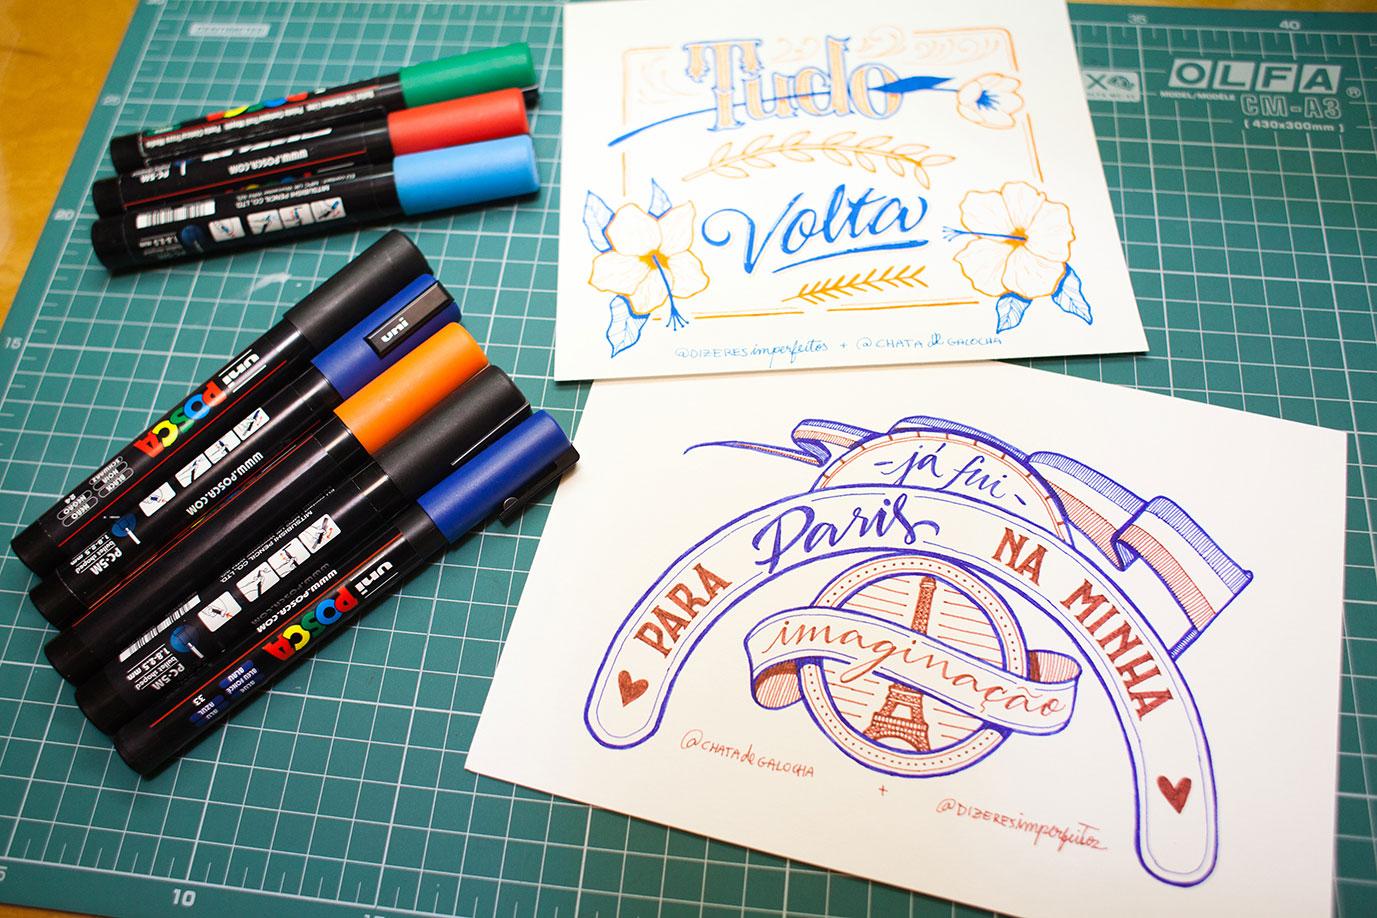 dizeresimperfeitos_lettering_talitachaves02